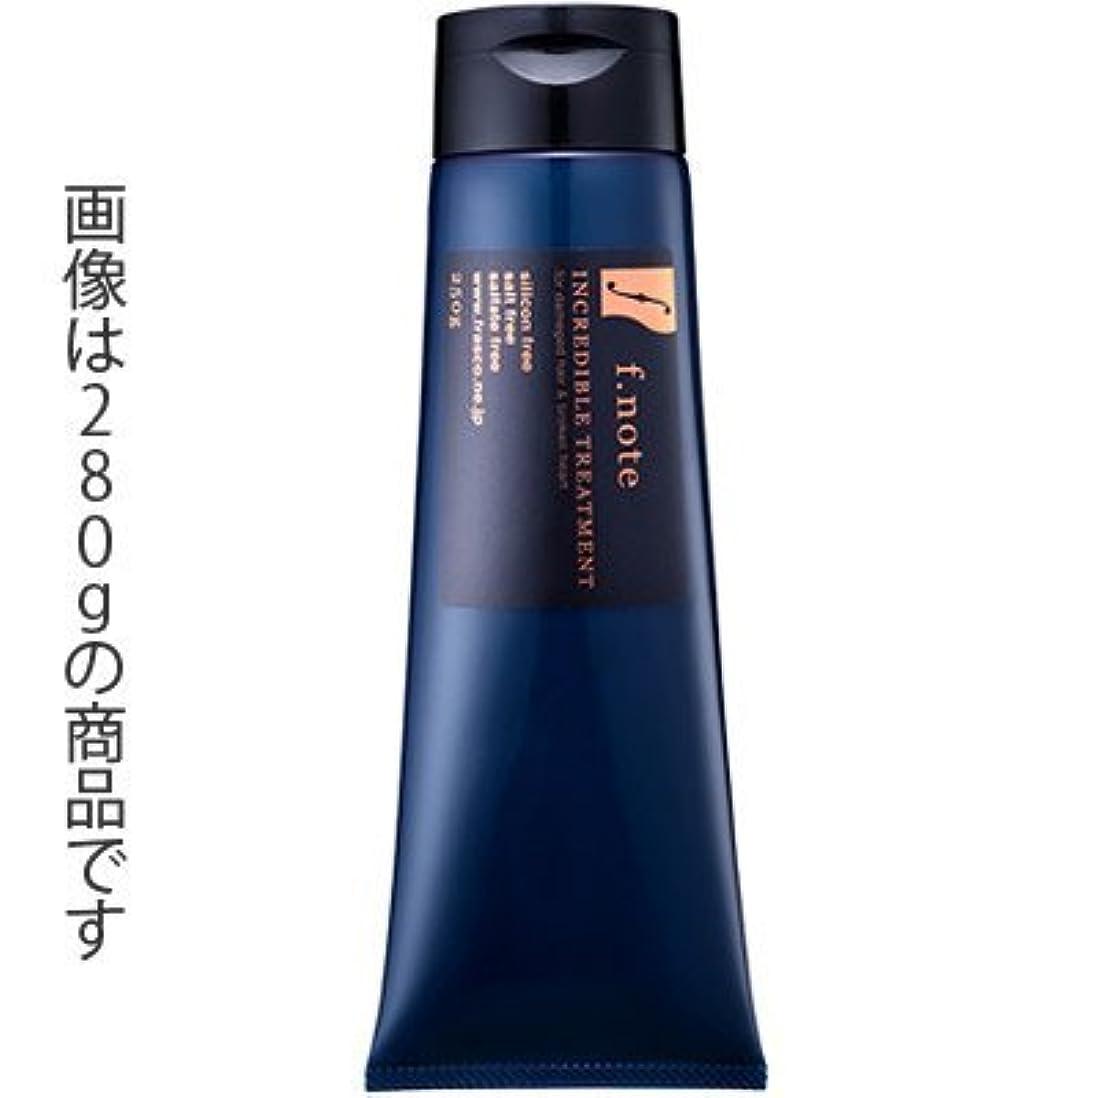 噴火バスアトムf-note(エフノート)トリートメント 500g